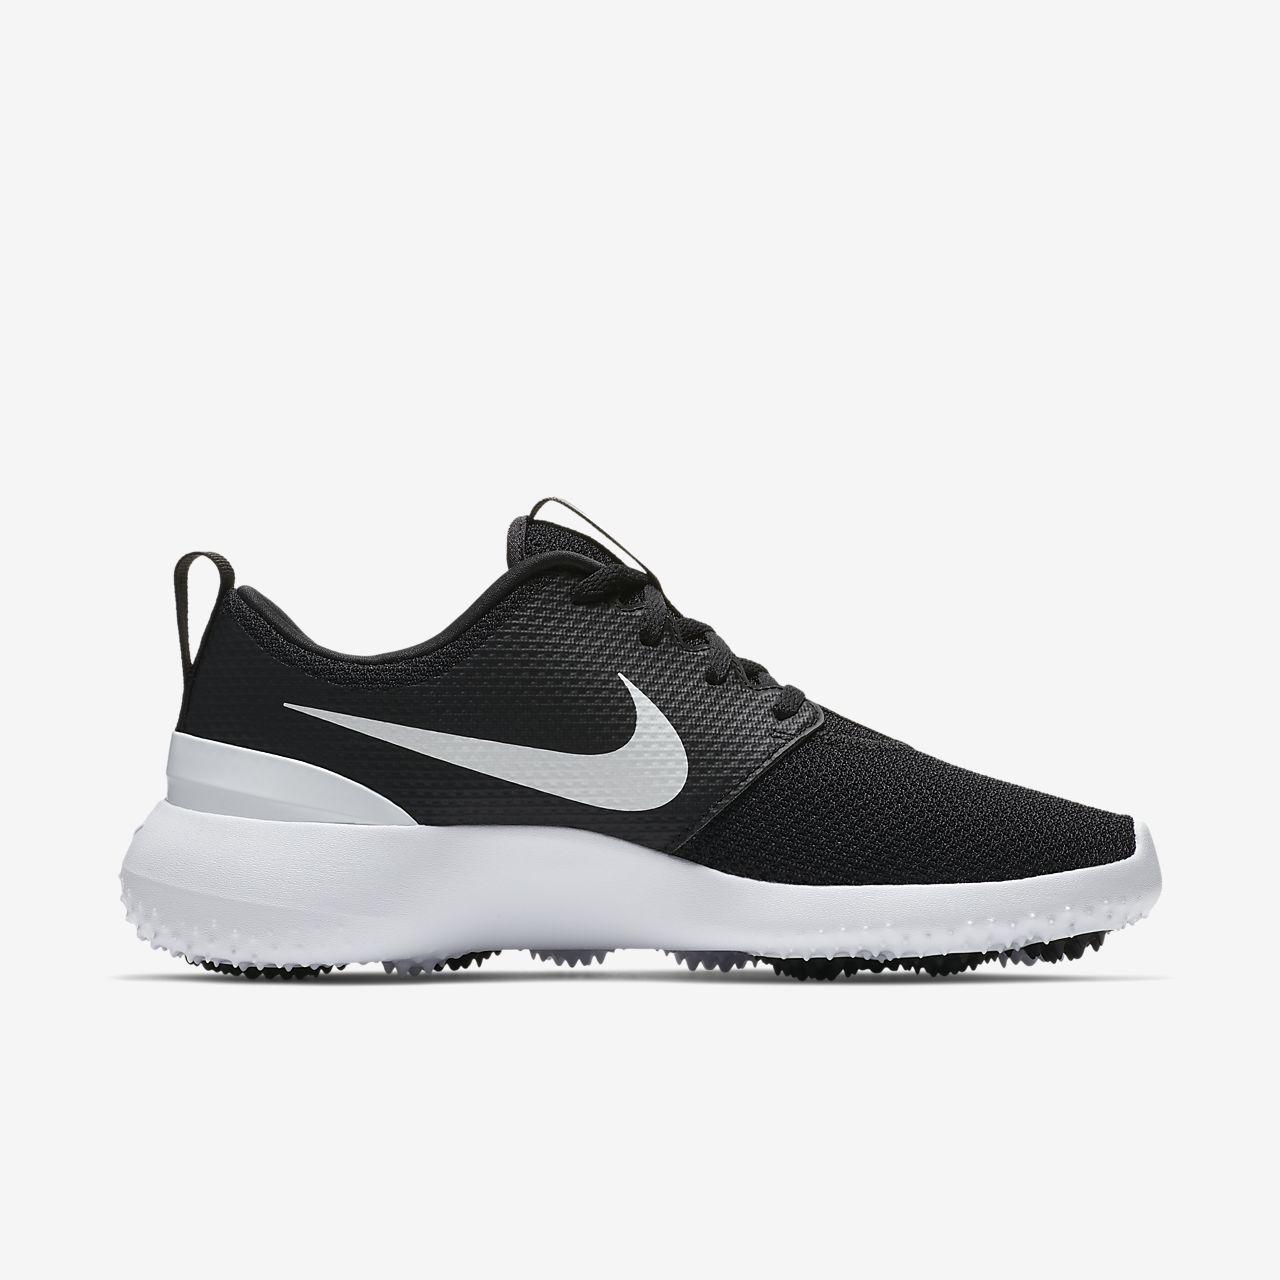 online retailer 33110 12be3 ... Chaussure de golf Nike Roshe G pour Femme